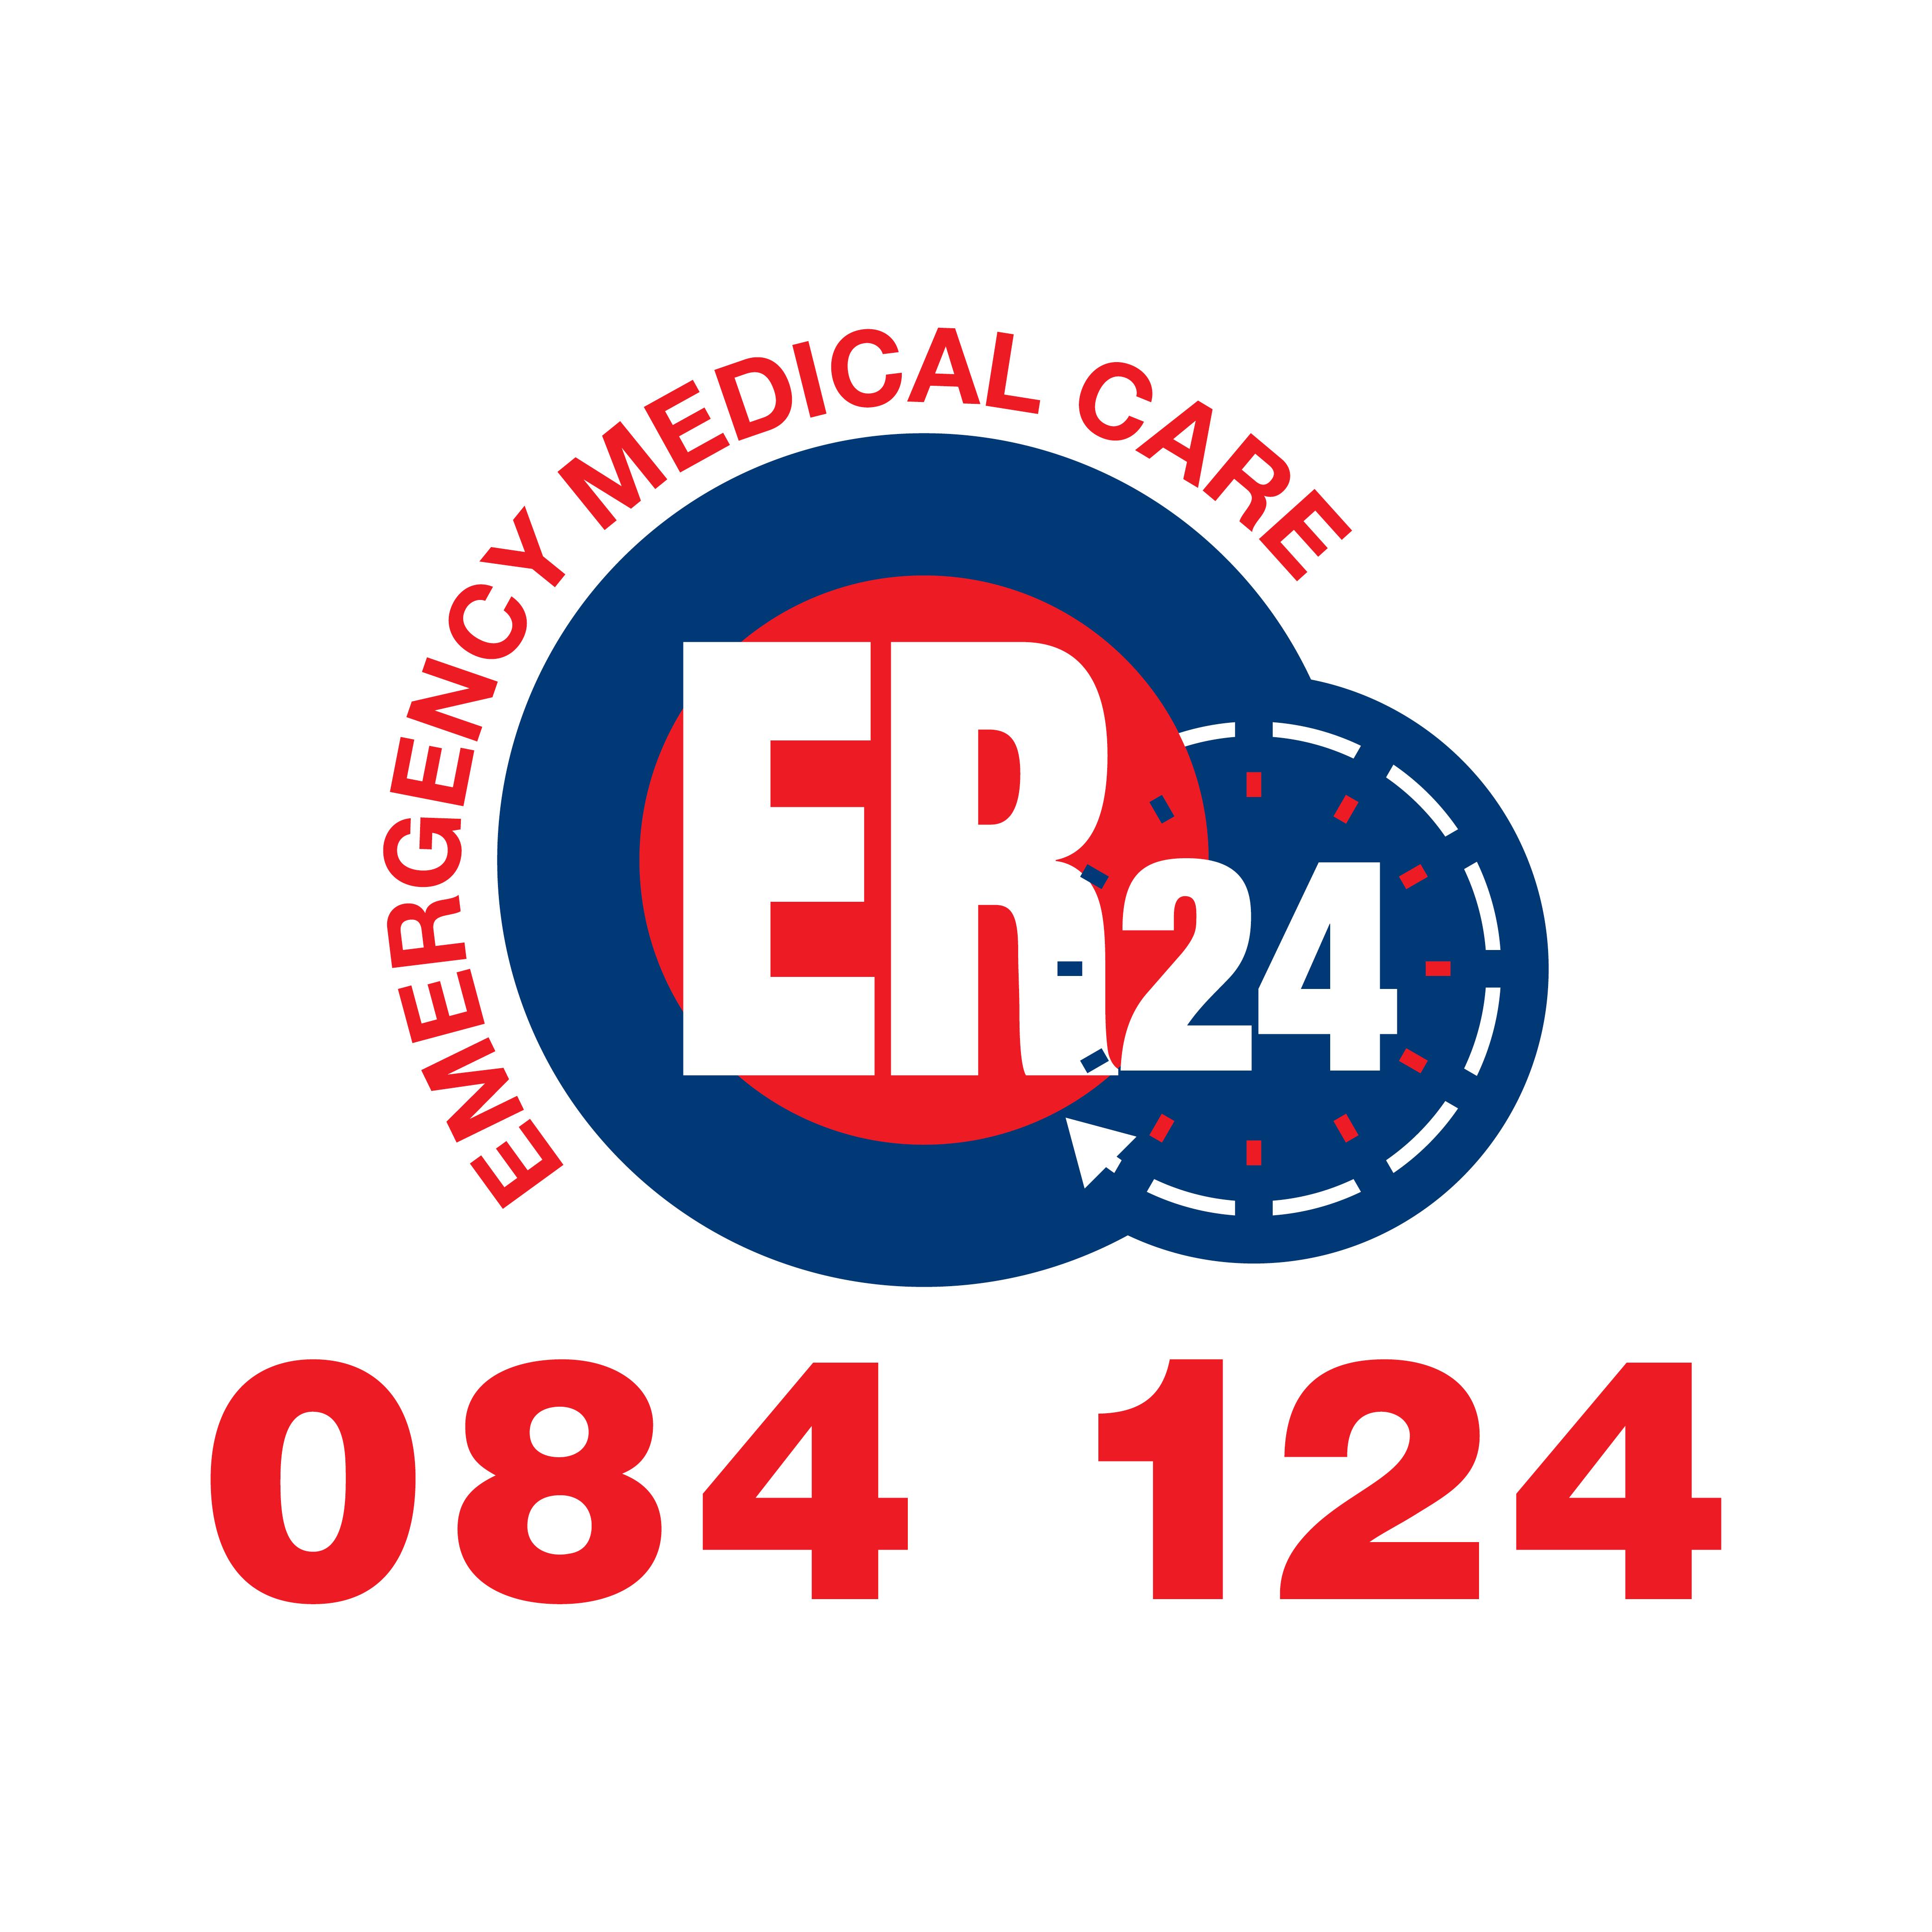 ER24 Sandton Regional Office